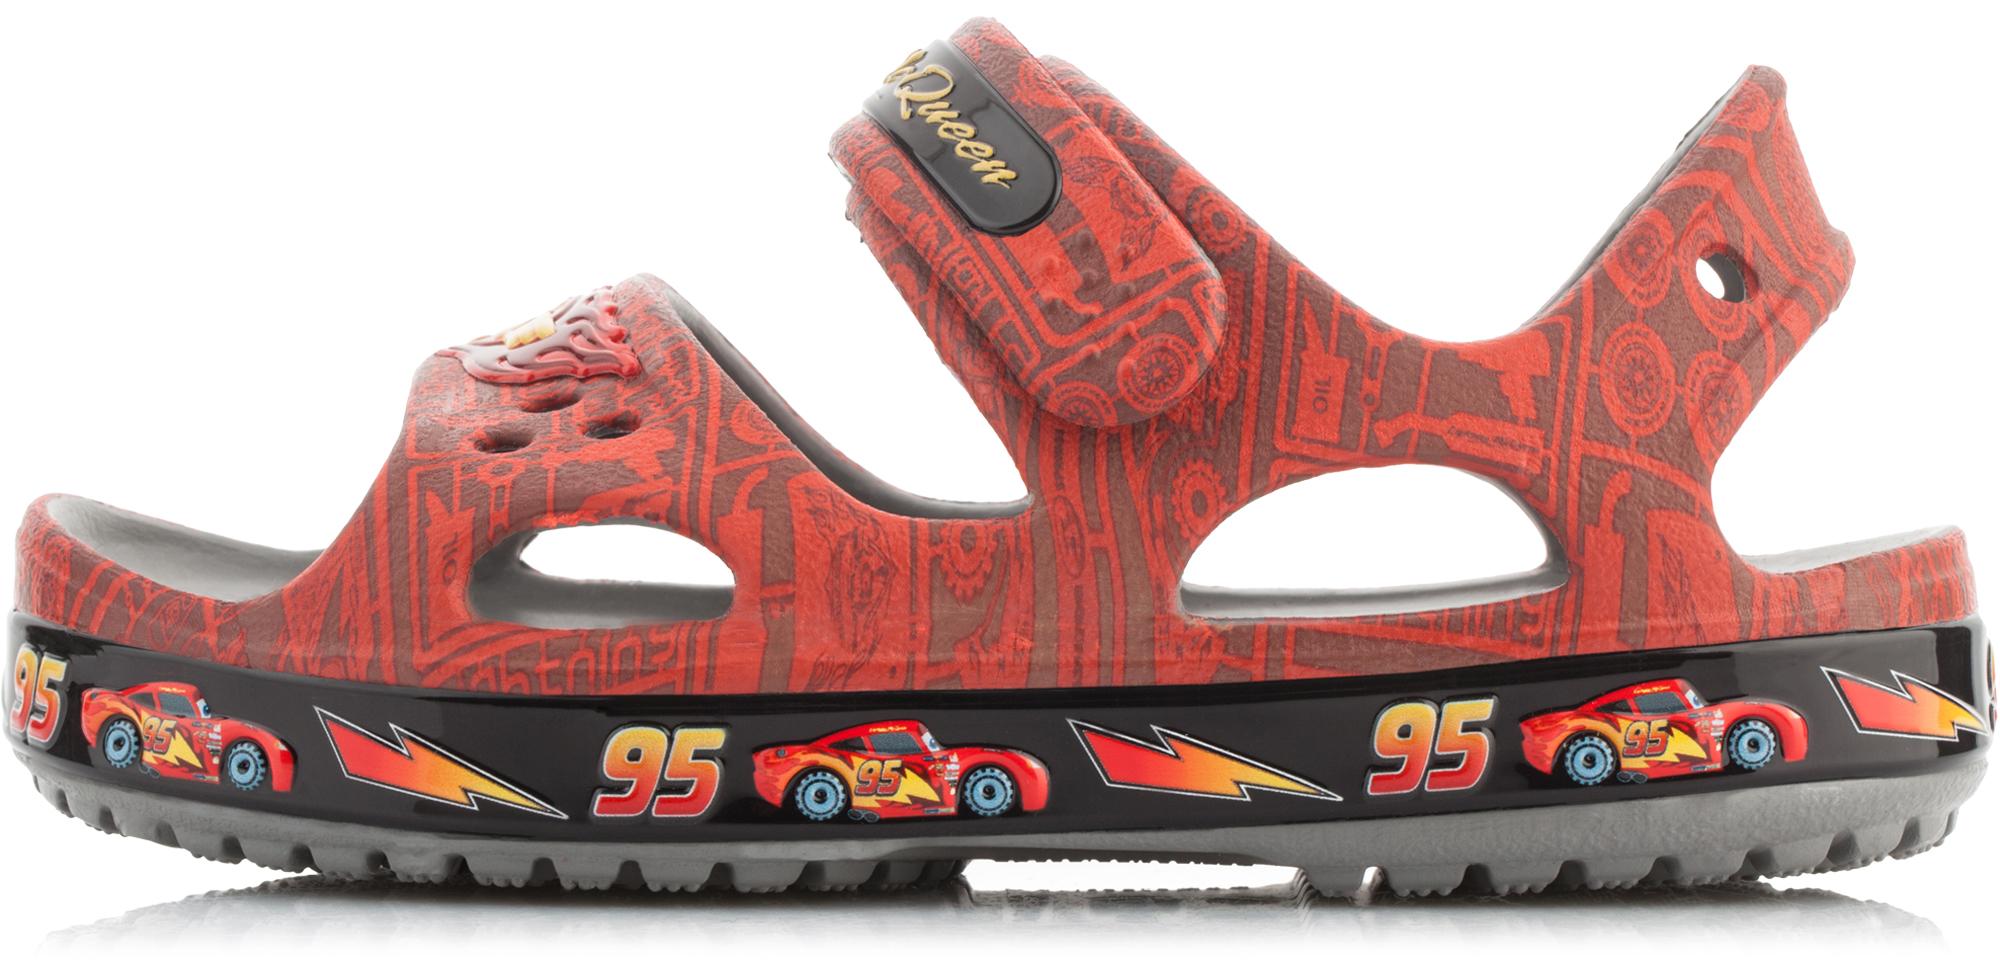 Crocs Сандалии для мальчиков Crocs Crocband II Lightning McQueen